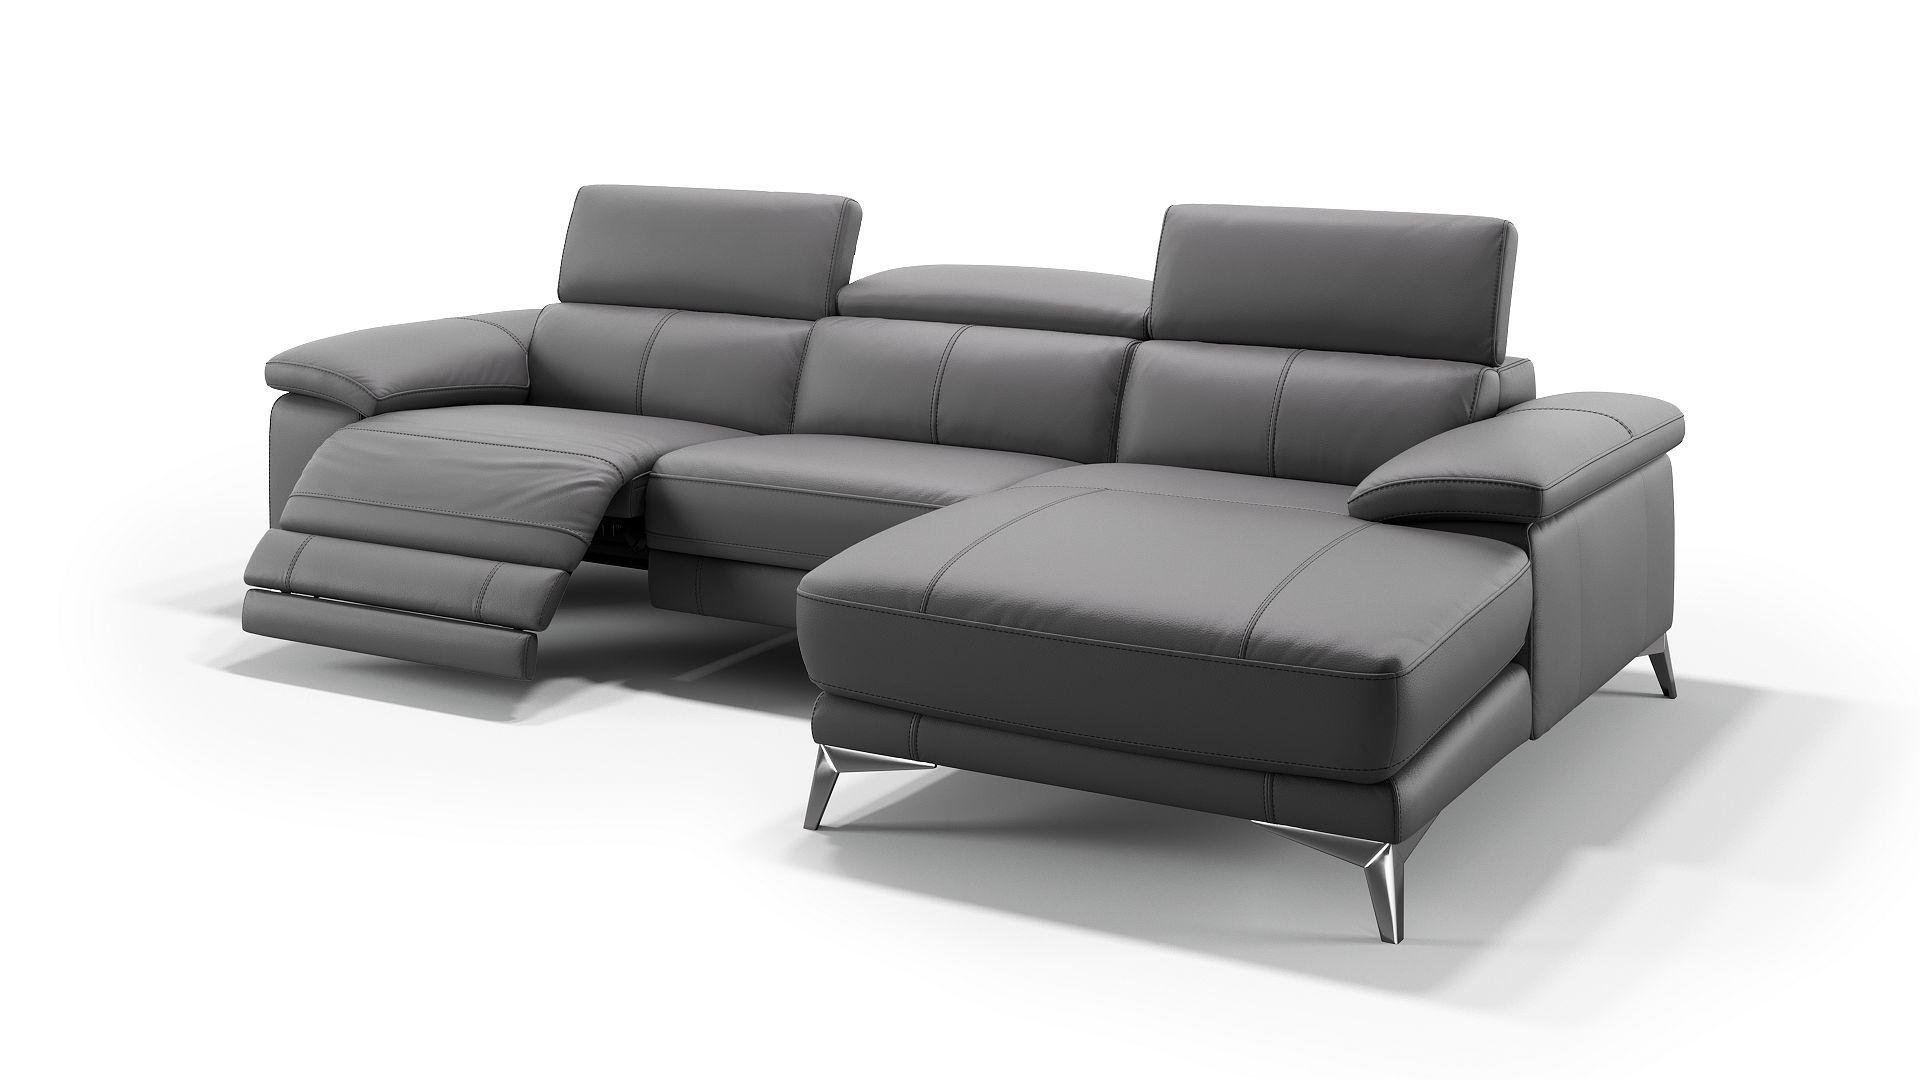 Full Size of Sofa Elektrisch Elektrischer Sitzvorzug Warum Ist Mein Geladen Neues Elektrische Sitztiefenverstellung Statisch Aufgeladen Was Tun Relaxfunktion Aufgeladen Was Sofa Sofa Elektrisch